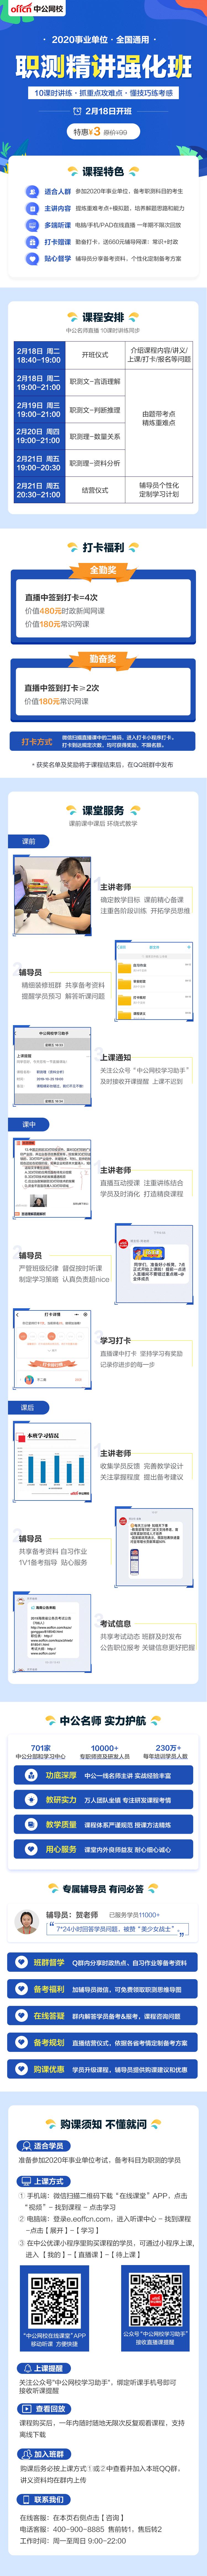 (通用)2020事业单位-职测精讲拔高班课详页.png